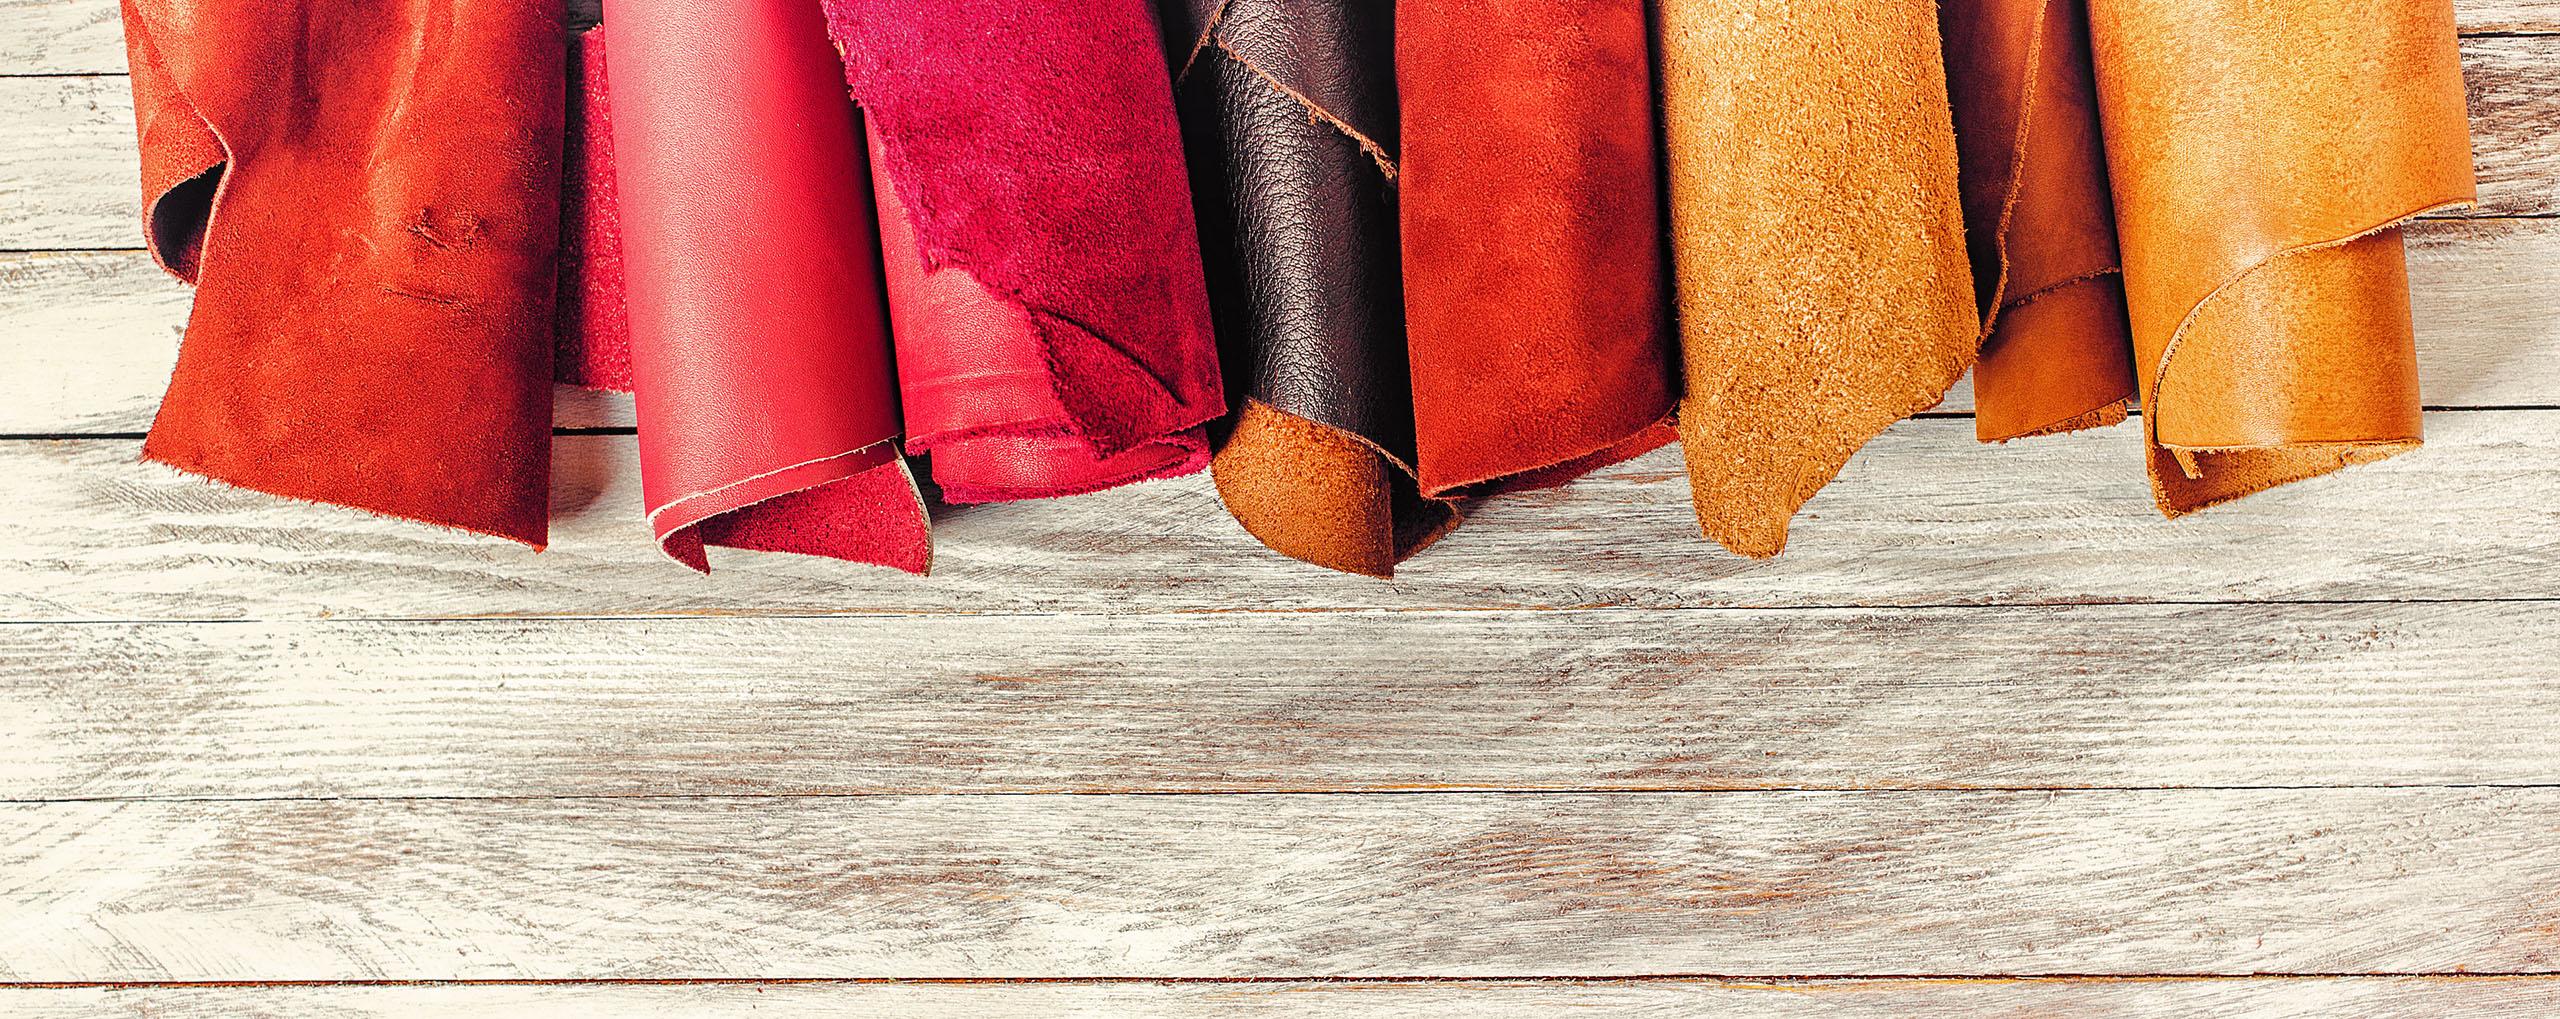 Herzlich Willkommen in unserem Lederwaren Shop mit unserer Eigenmarke CORNO D'ORO